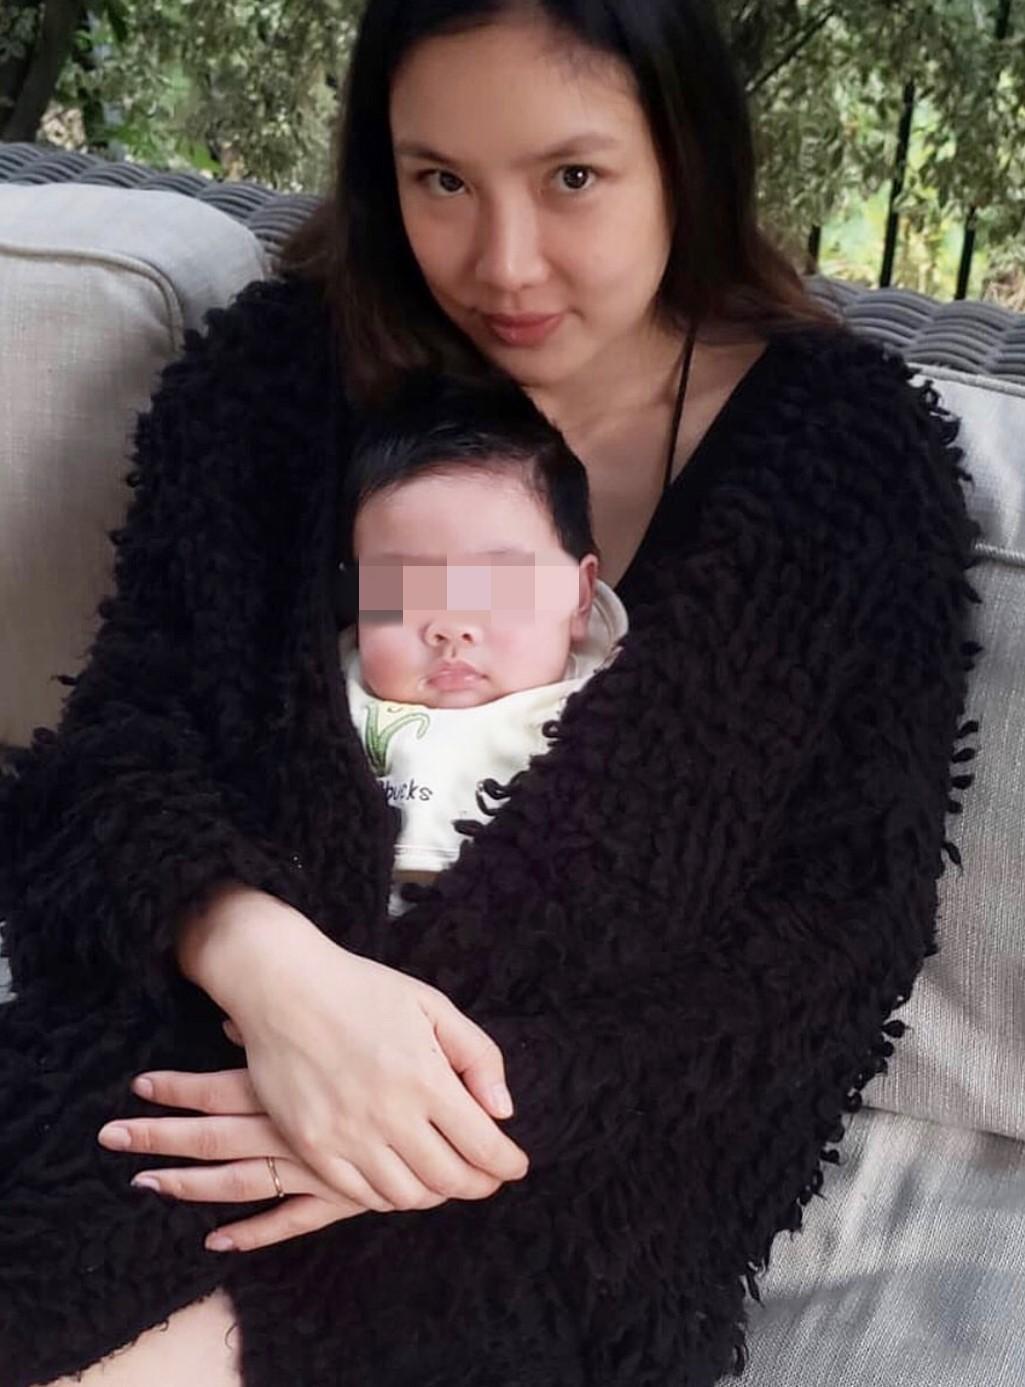 樂基兒自今年四月產下愛子Hunter後就專心在家相夫教子。(翻攝自樂基兒IG)